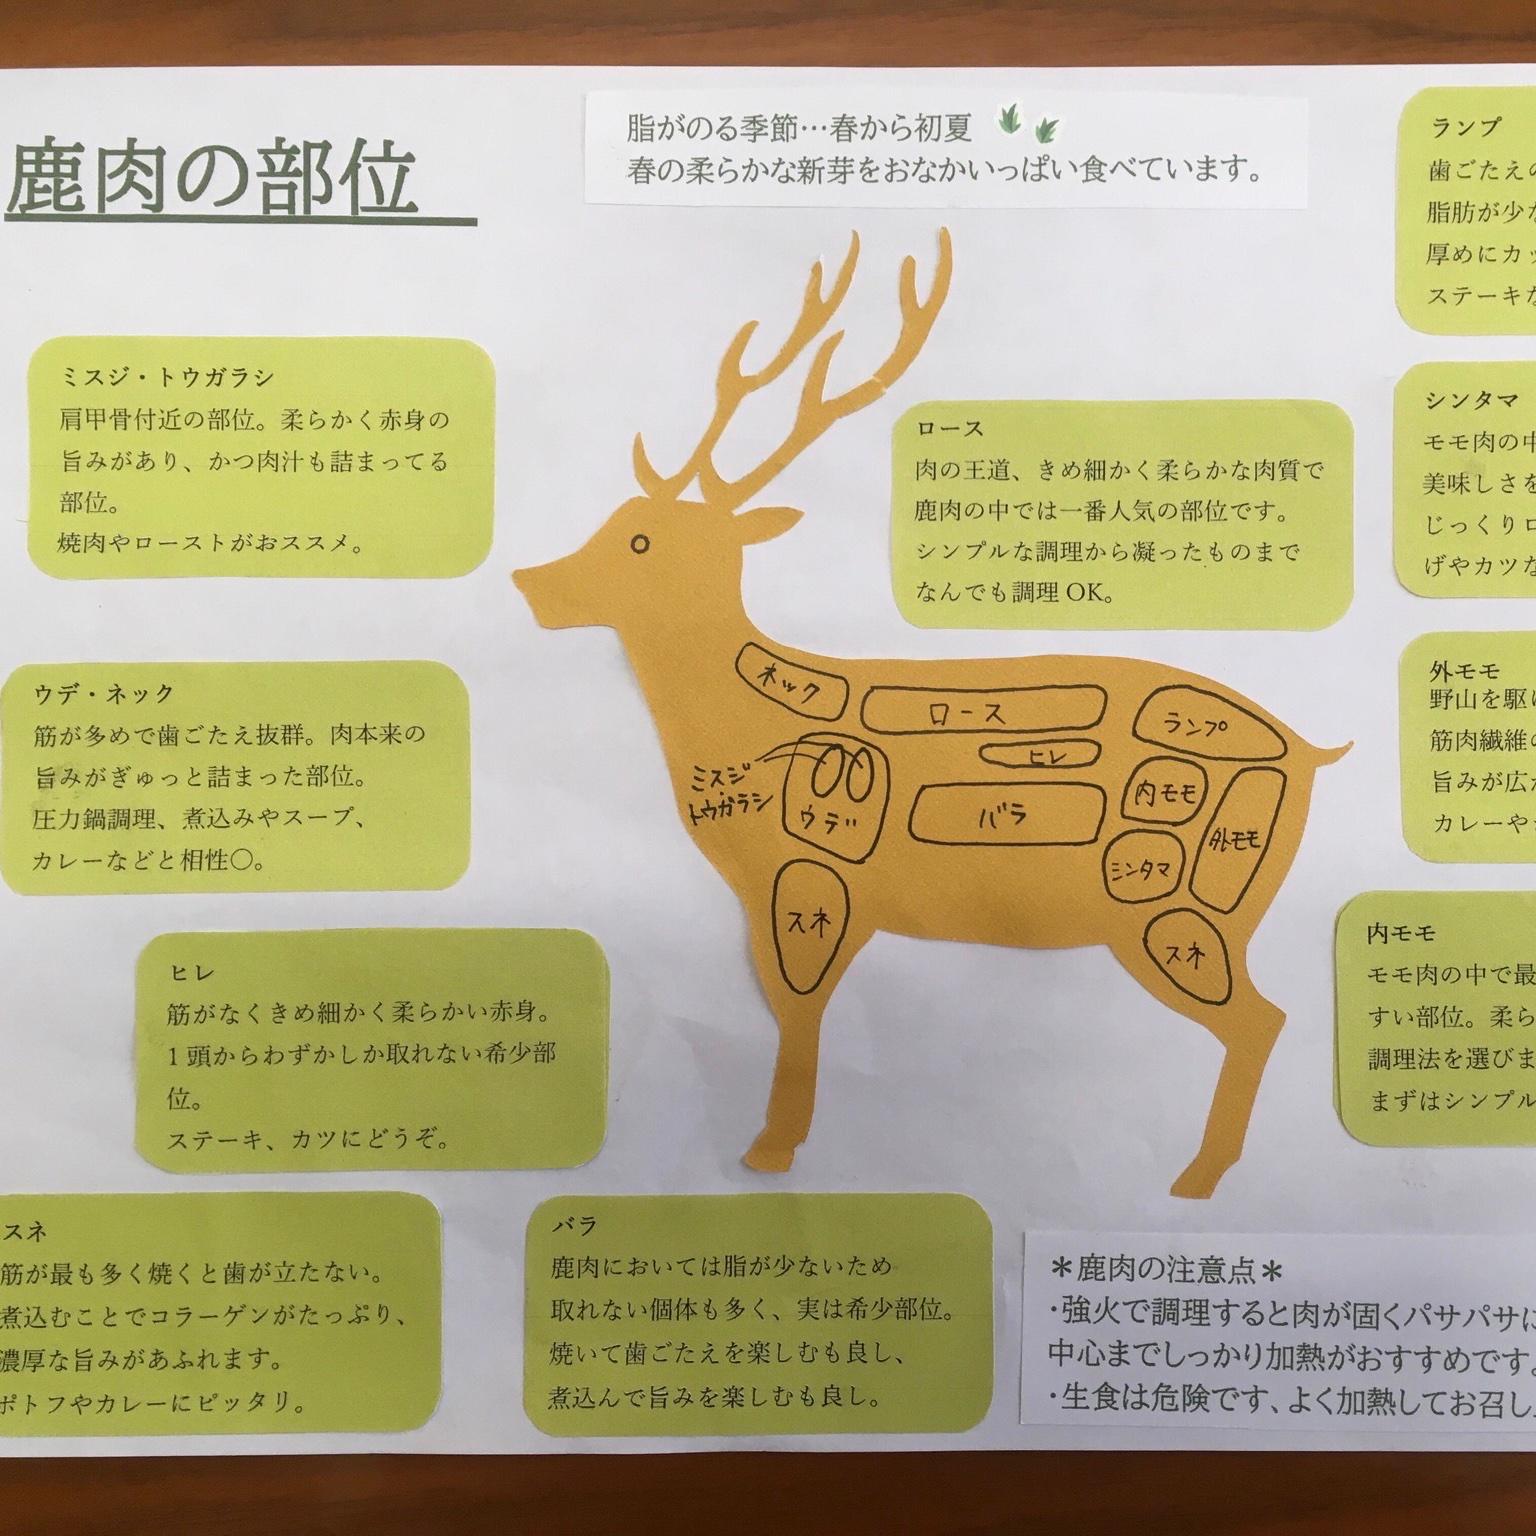 【お試し】初心者歓迎ジビエ食べ比べセット(各部位紹介パンフレット付き) 猪肉約400g、鹿肉約400g   計約800g 肉/猪肉通販